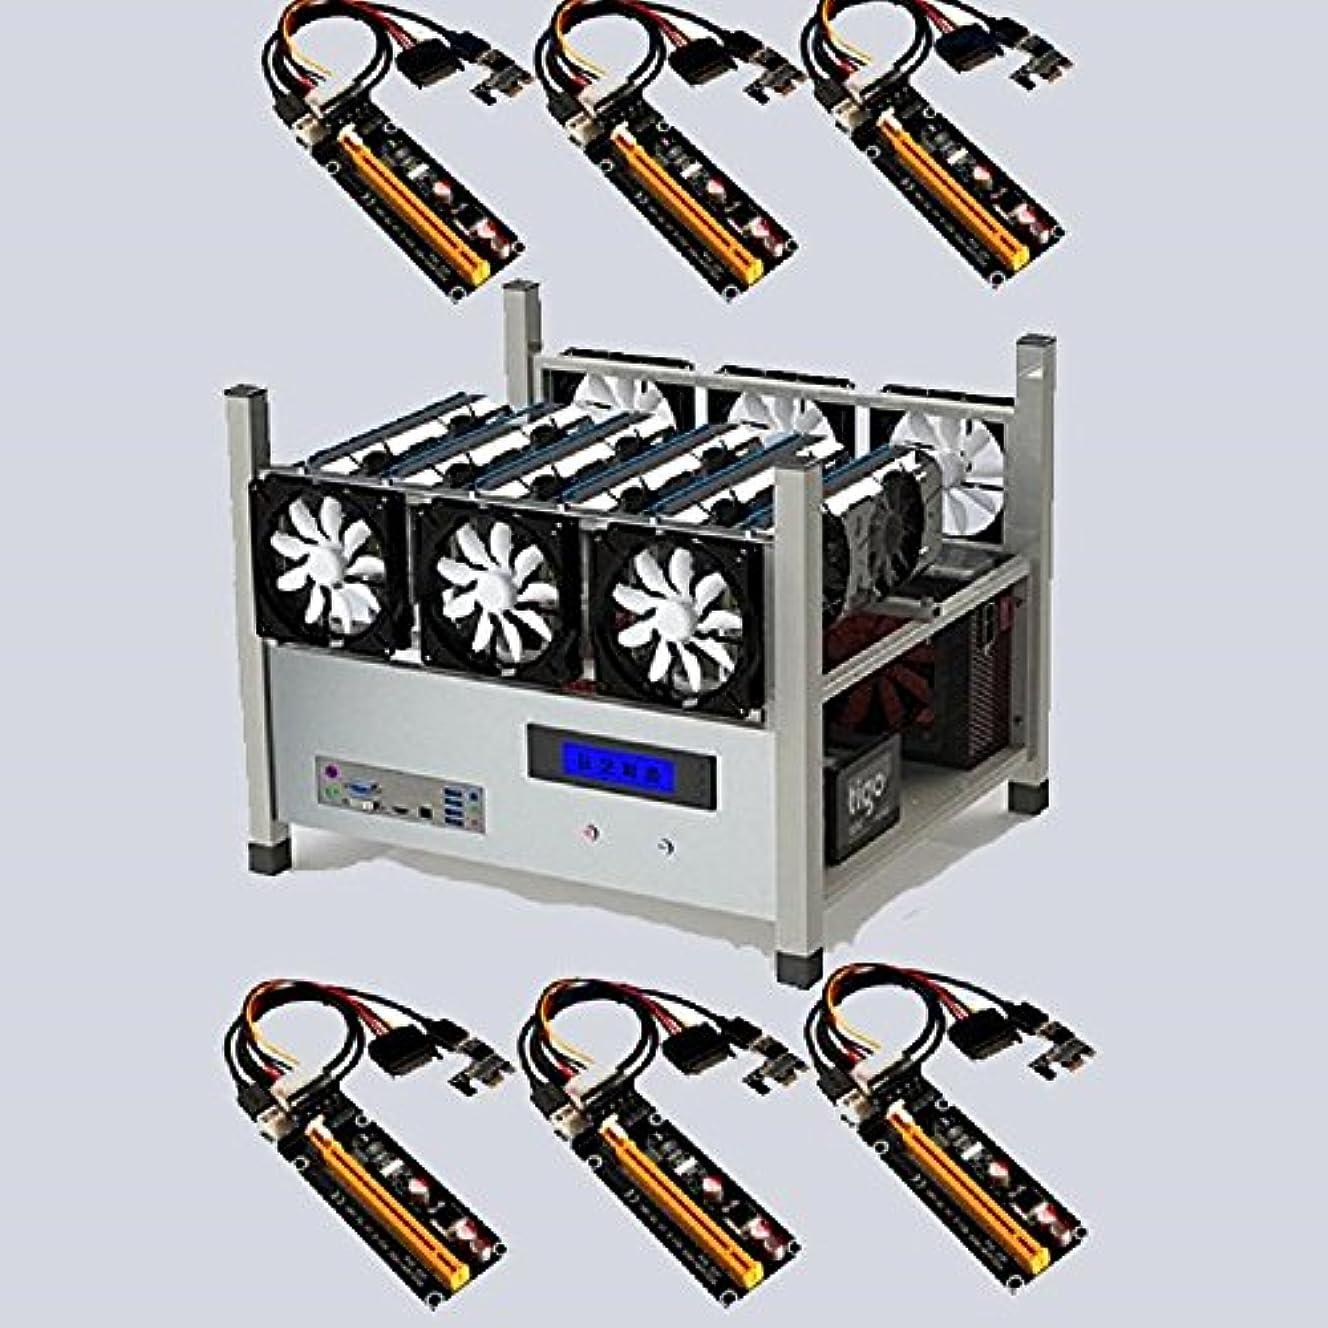 廃棄ファッションスリットbitcoinmerch. Com Crypto Miningフレームリグケース6 GPu ETH BTCイーサリアム+ 6 USB Raisers Package Deal (Crypto Miningフレームリグケース6 GPu ETH BTCイーサリアム+ 6 USB Raisers Package Deal)